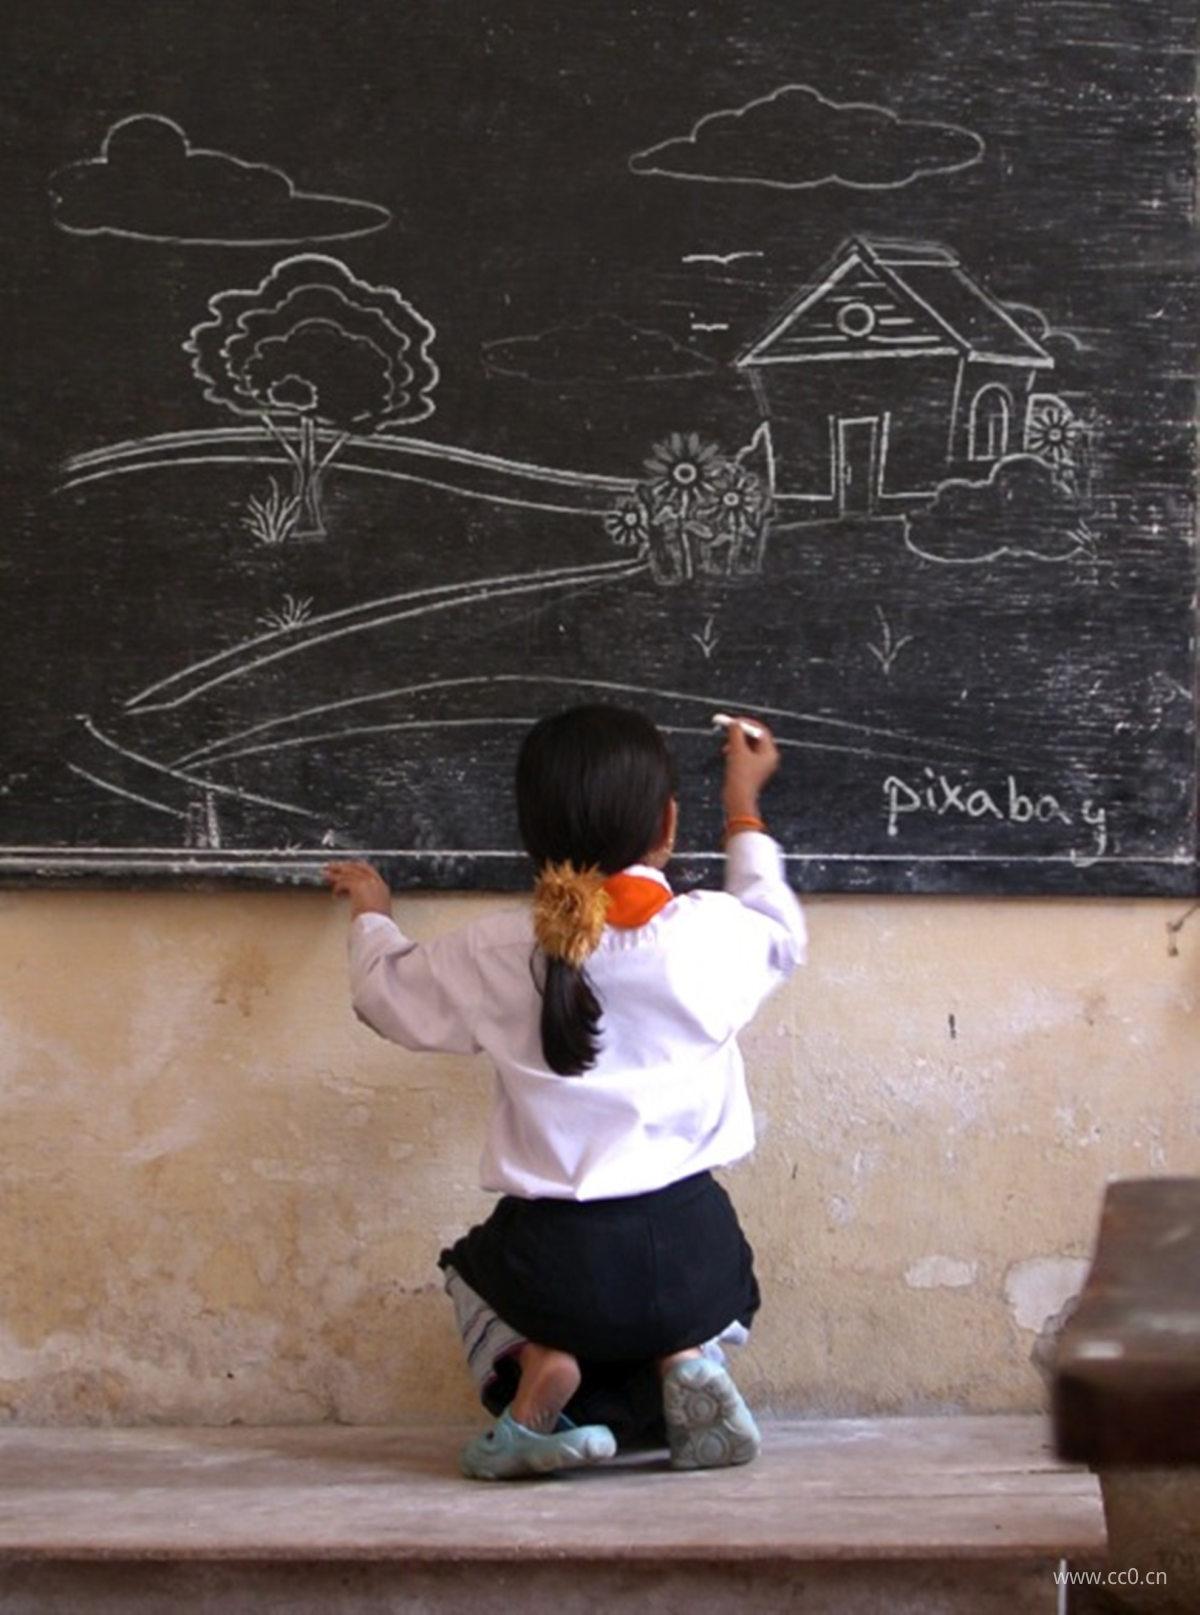 拔穷就要先富教育 教育扶贫照亮未来之路